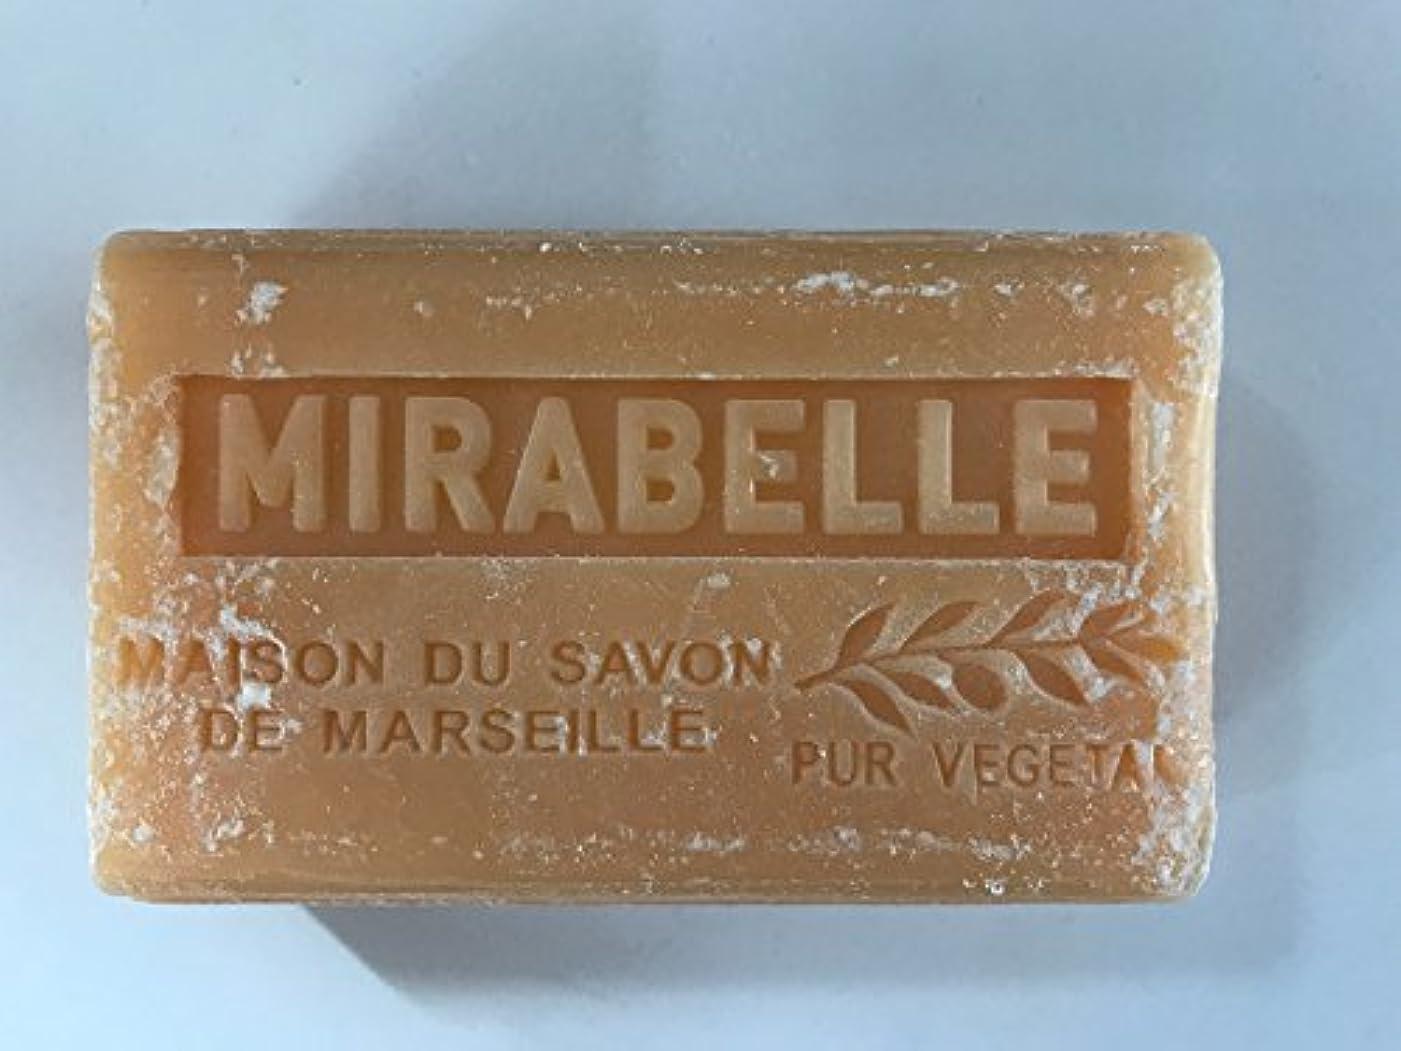 最悪化石ホイストSavon de Marseille Soap Mirabelle Shea Butter 125g